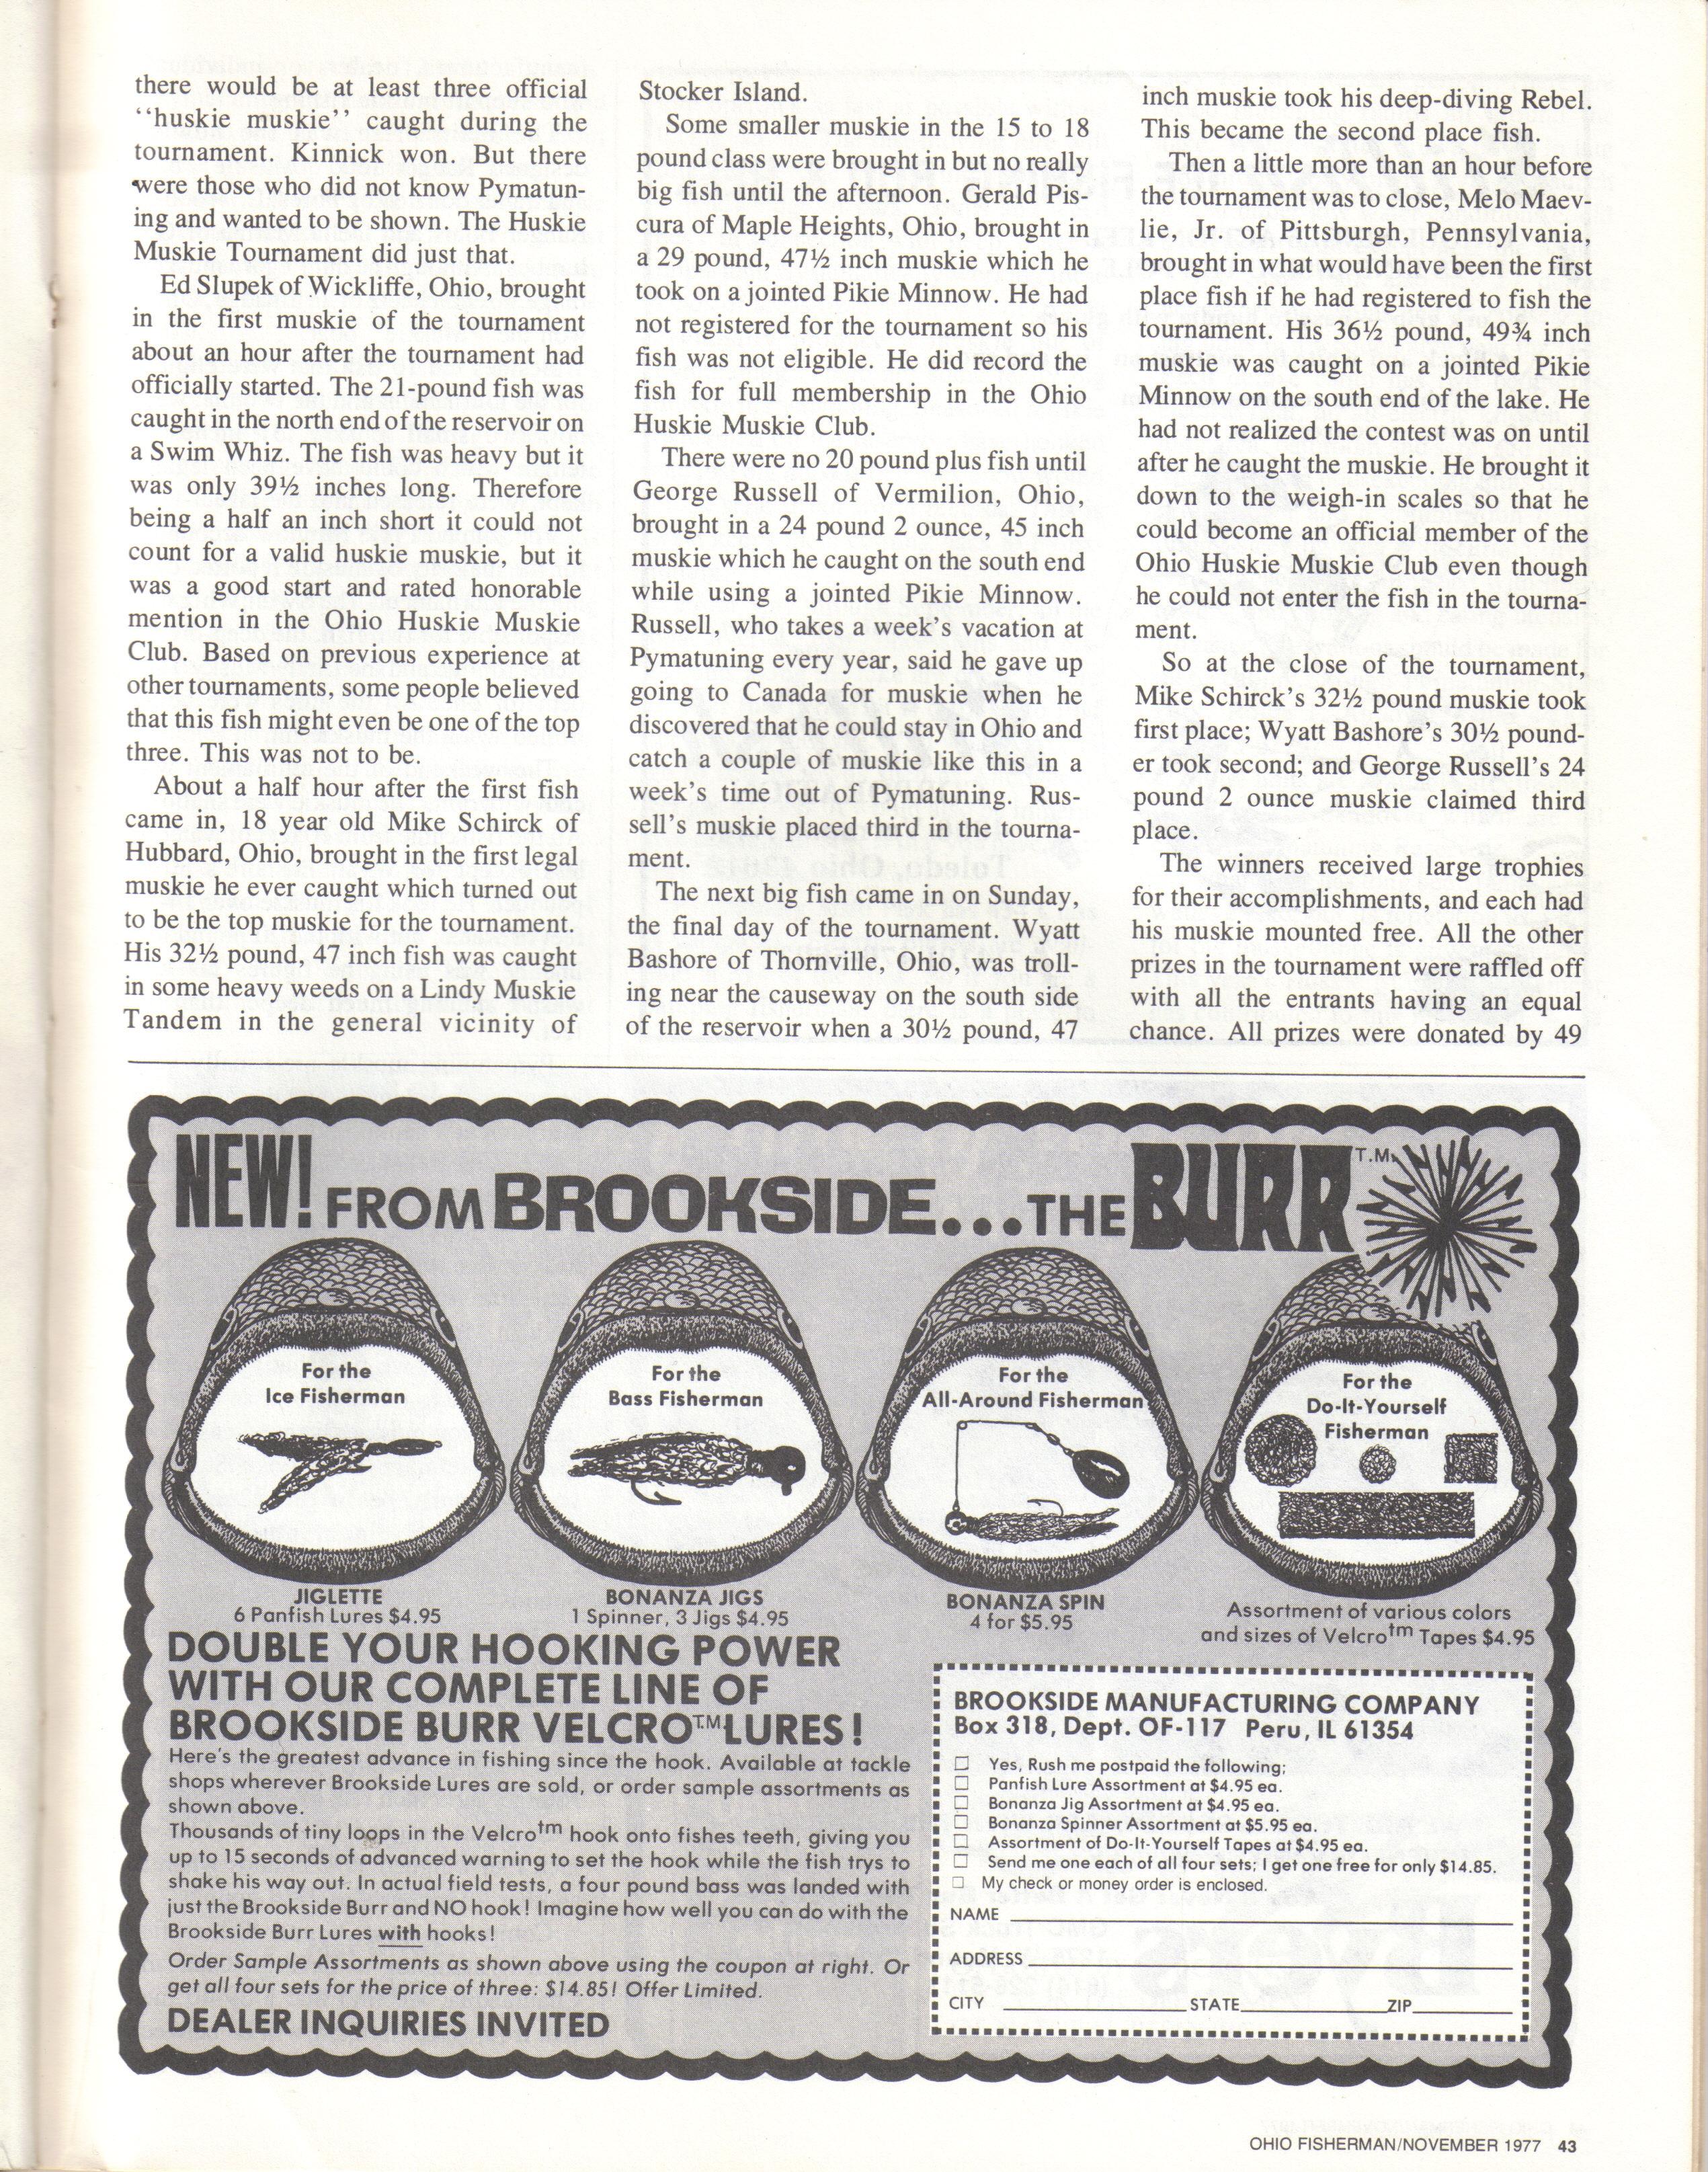 Ohio huskie muskie club inc page 8 est 1961 004 solutioingenieria Choice Image